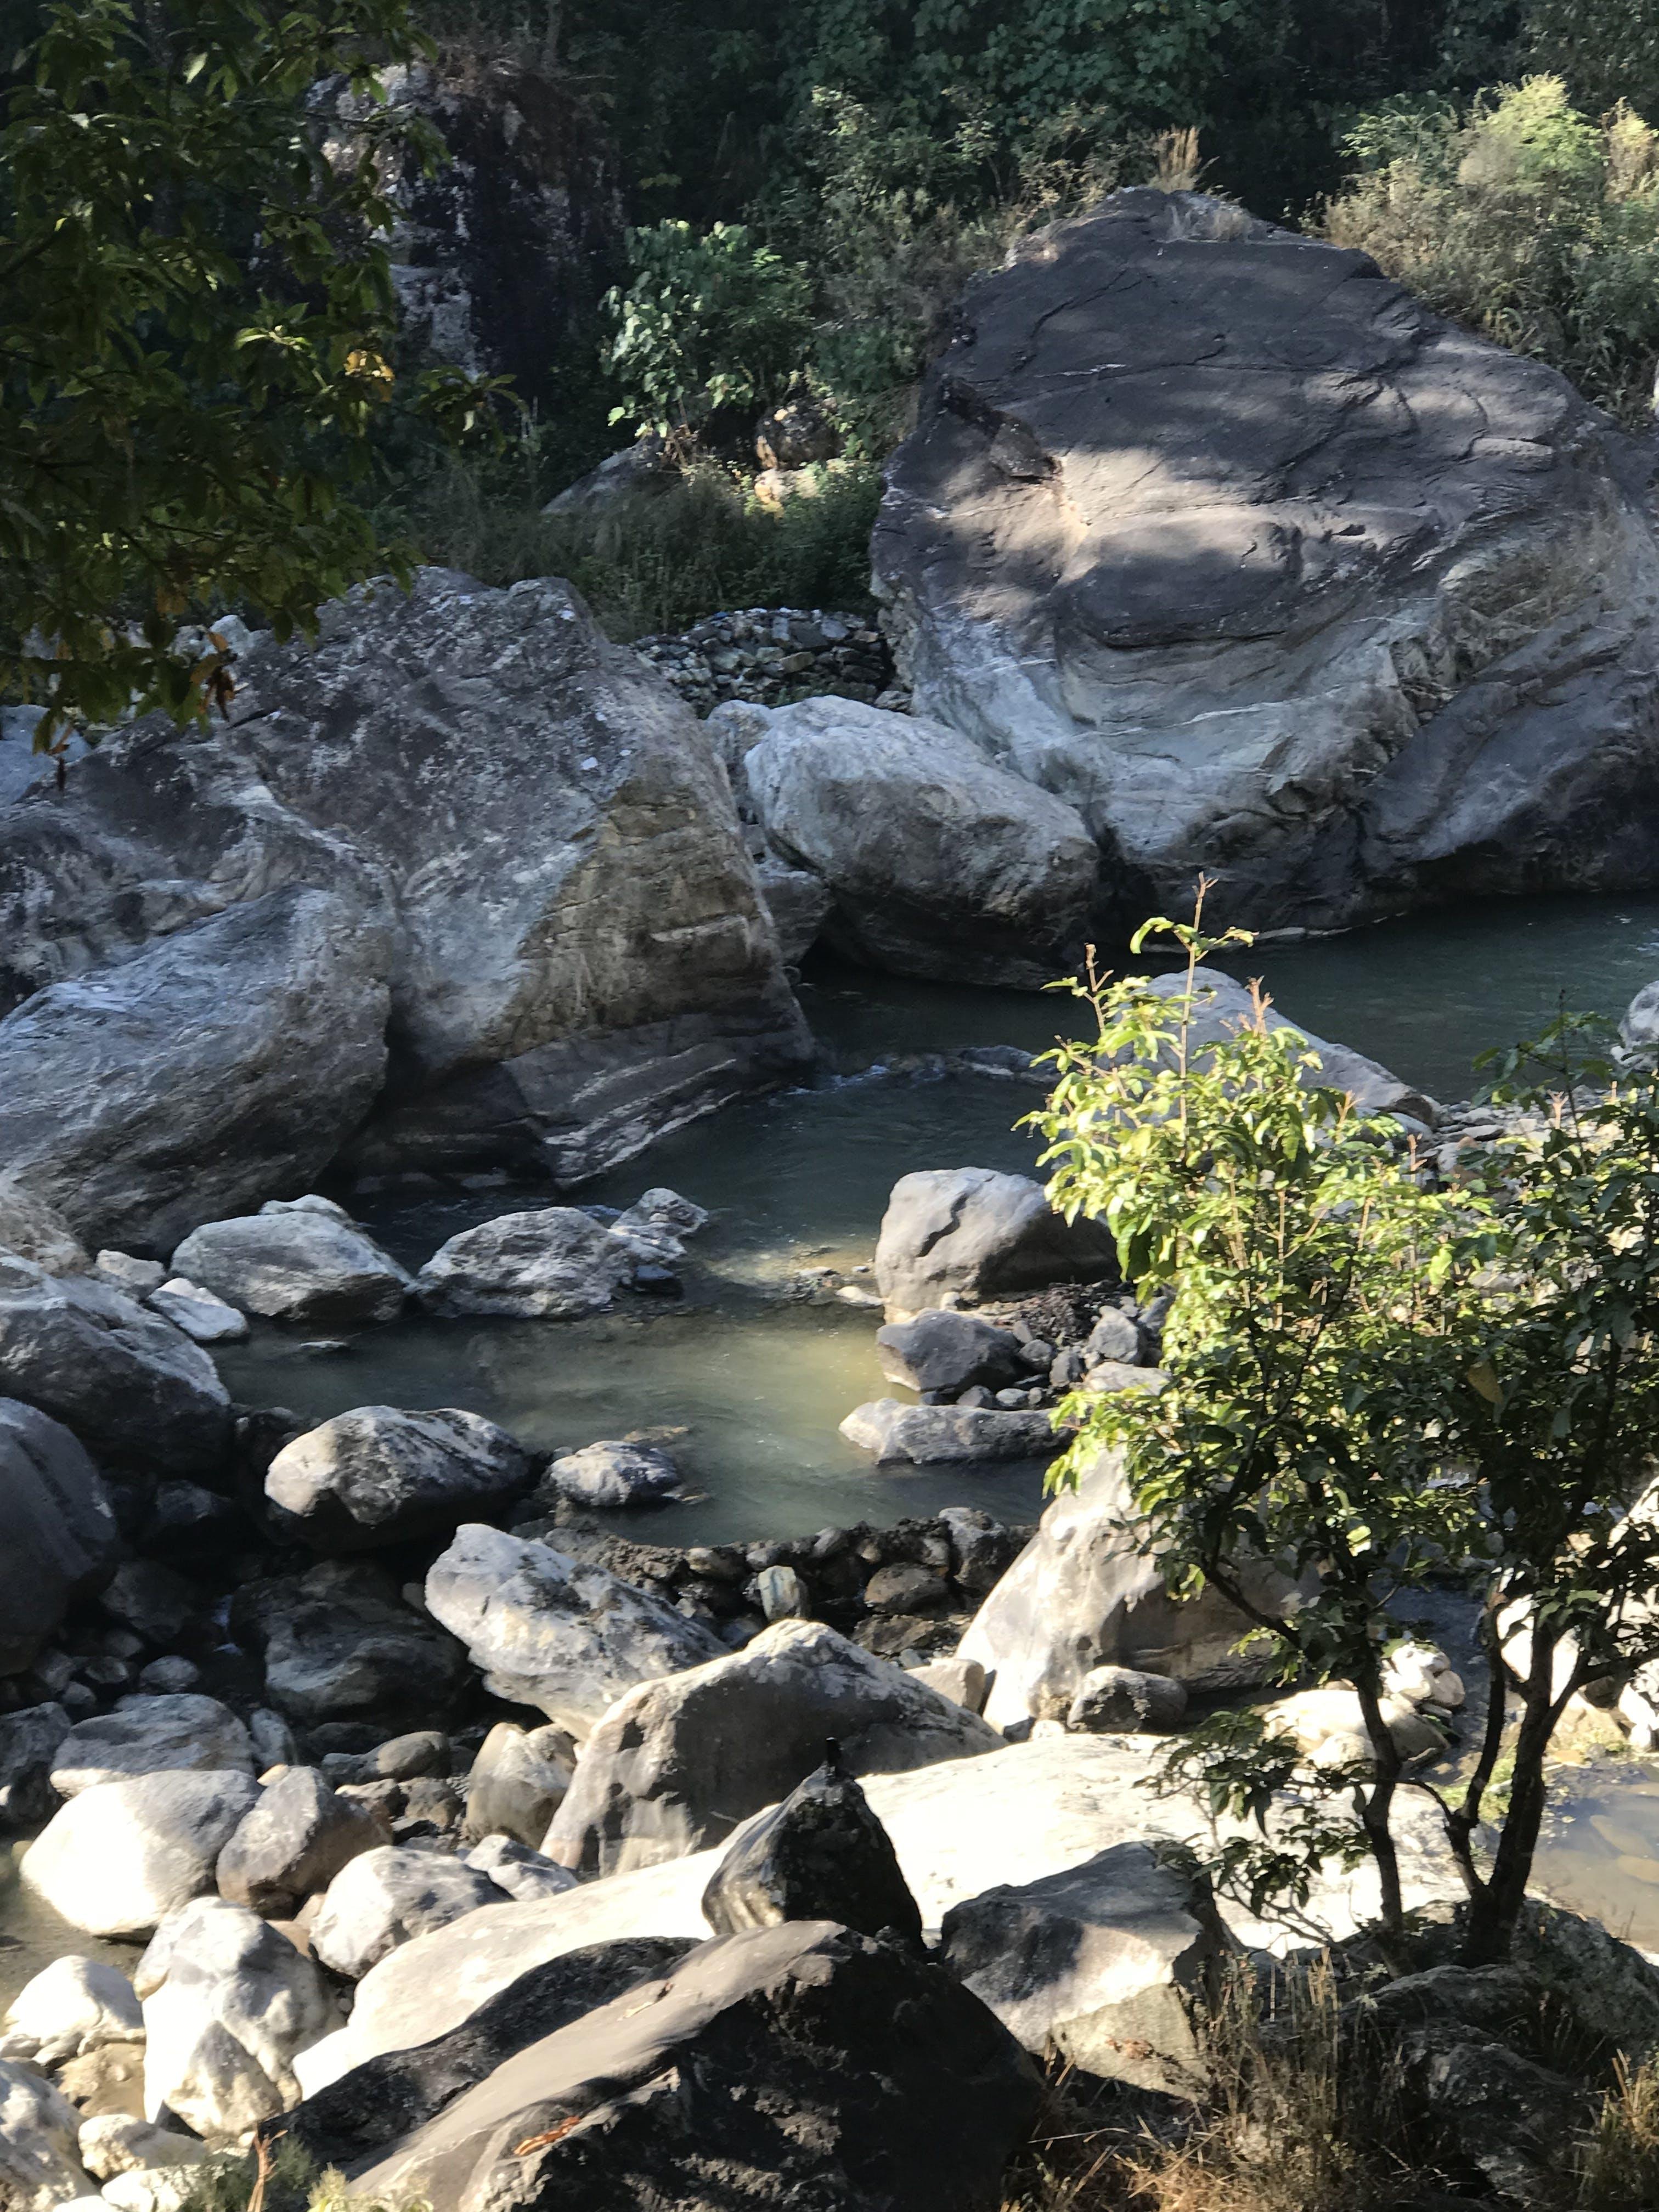 Free stock photo of Baglung Kathekhola stream Nepal